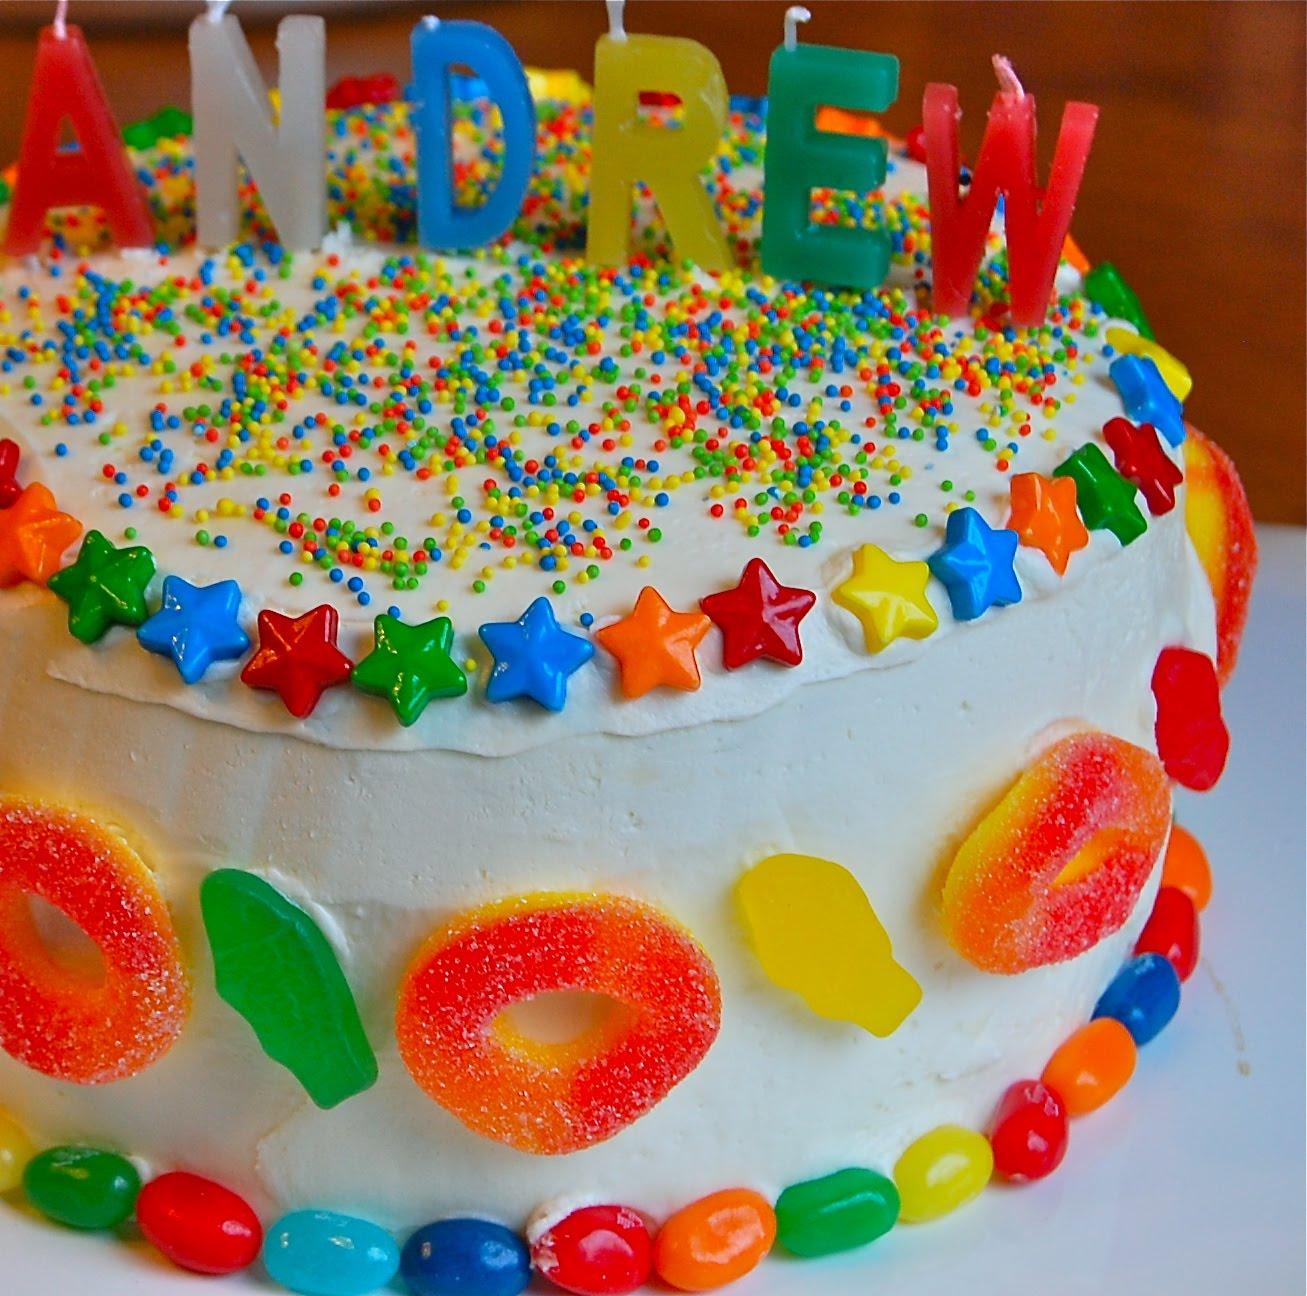 Chef Mommy Candy Birthday Cake